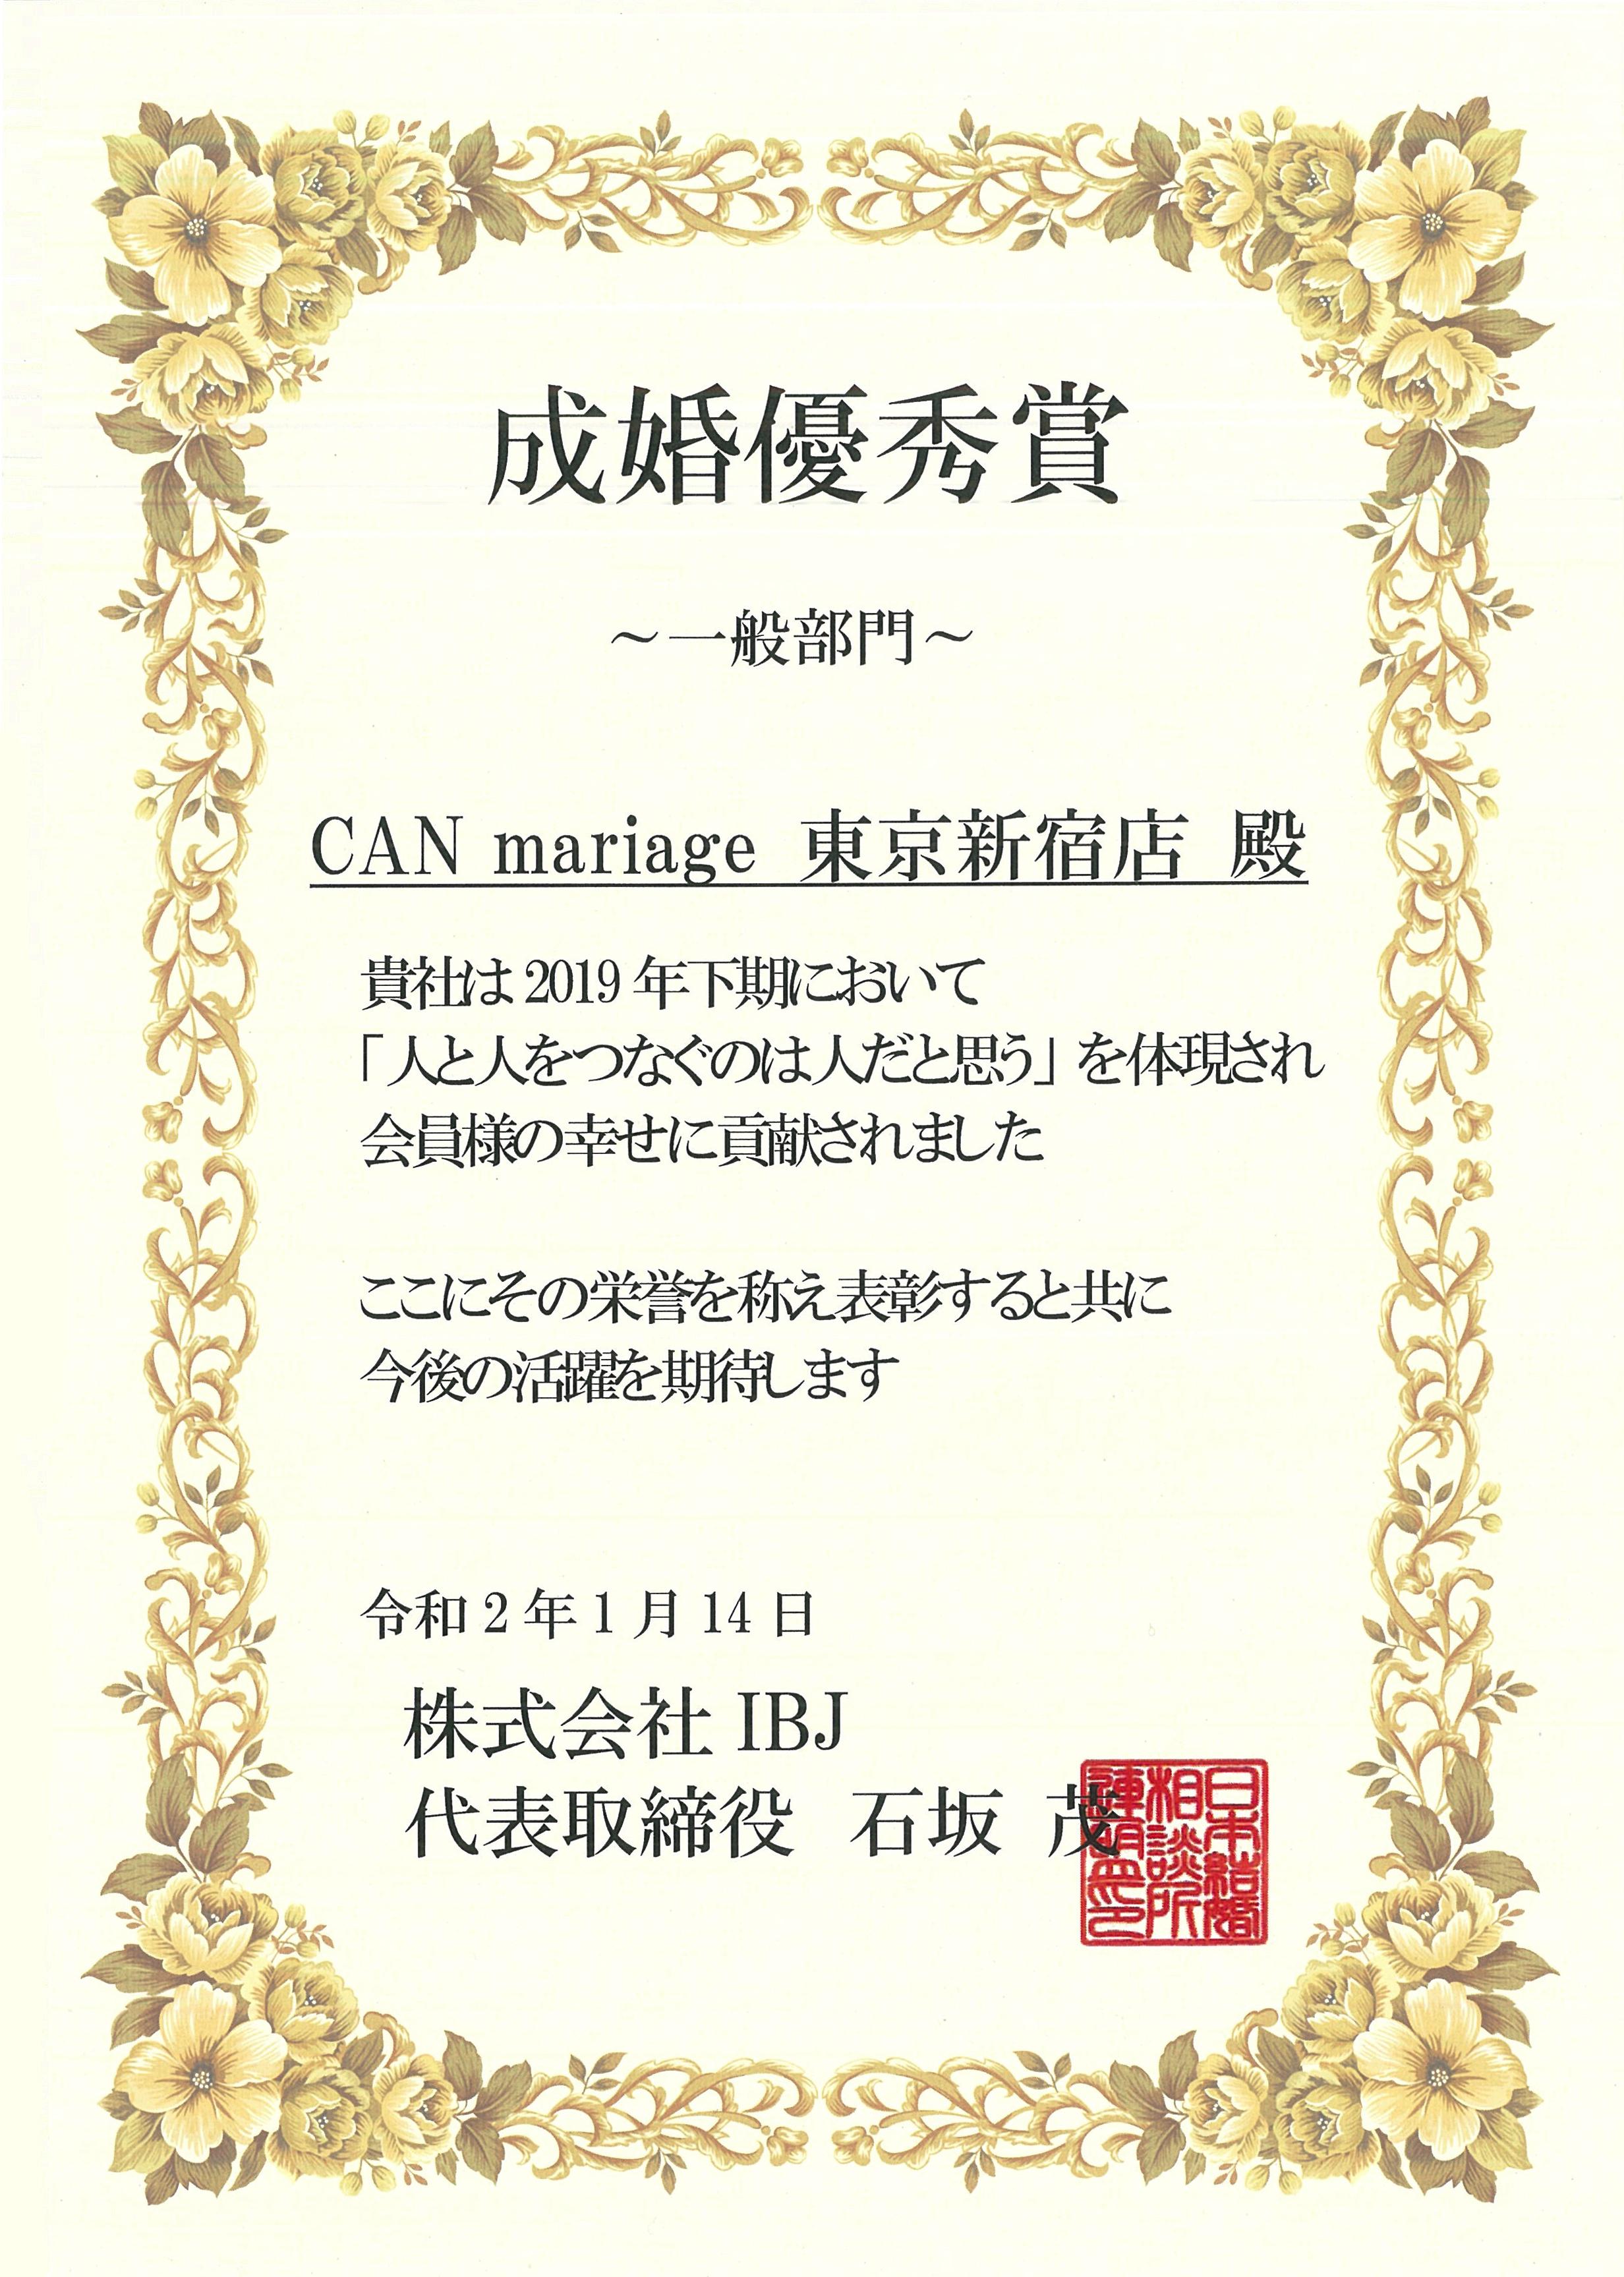 東京新宿店 株式会社IBJの2019年下半期 成婚優秀賞を受賞いたしました。